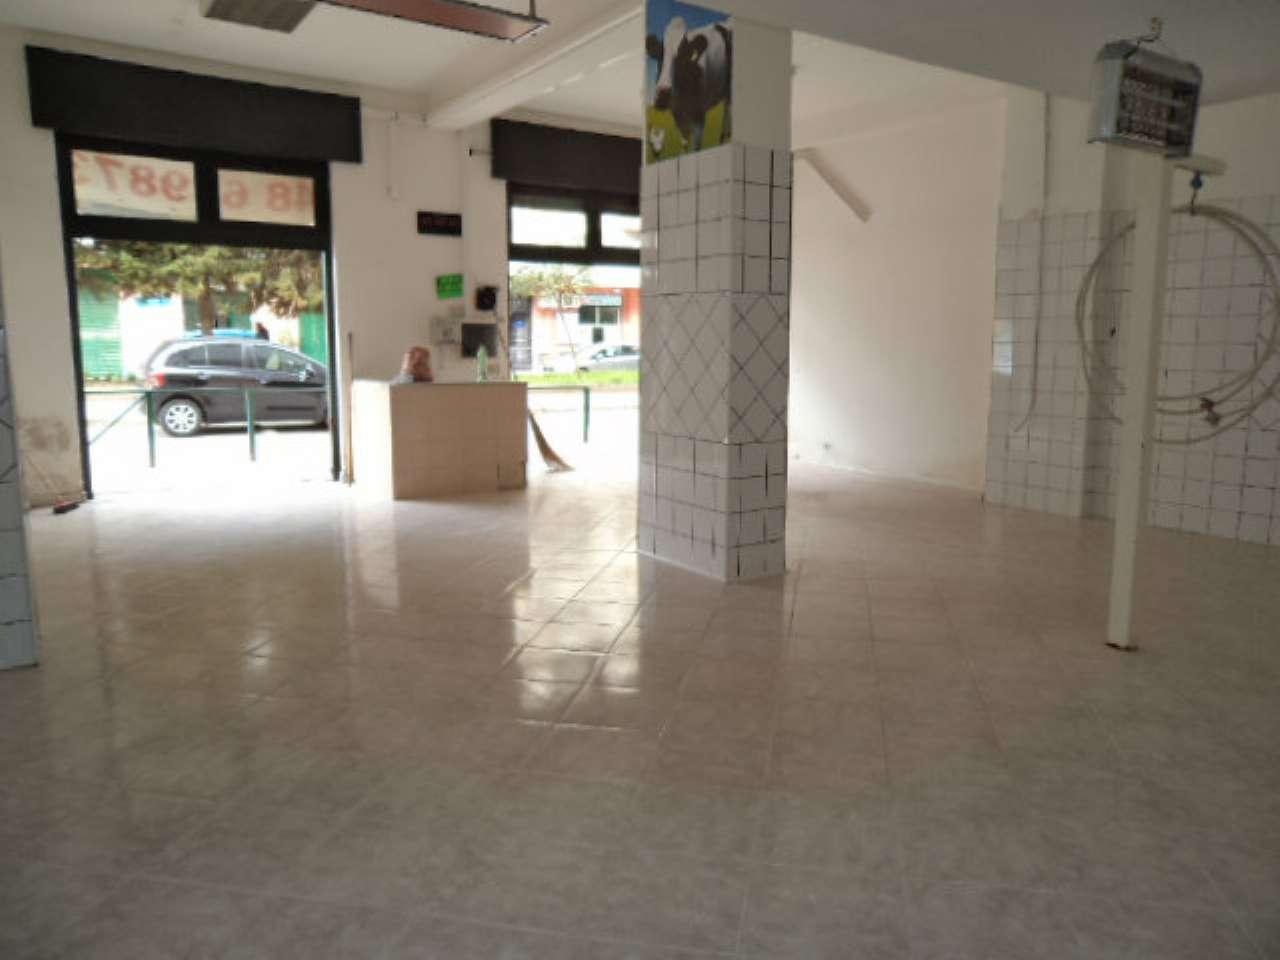 Negozio / Locale in vendita a Giugliano in Campania, 2 locali, prezzo € 55.000 | Cambio Casa.it